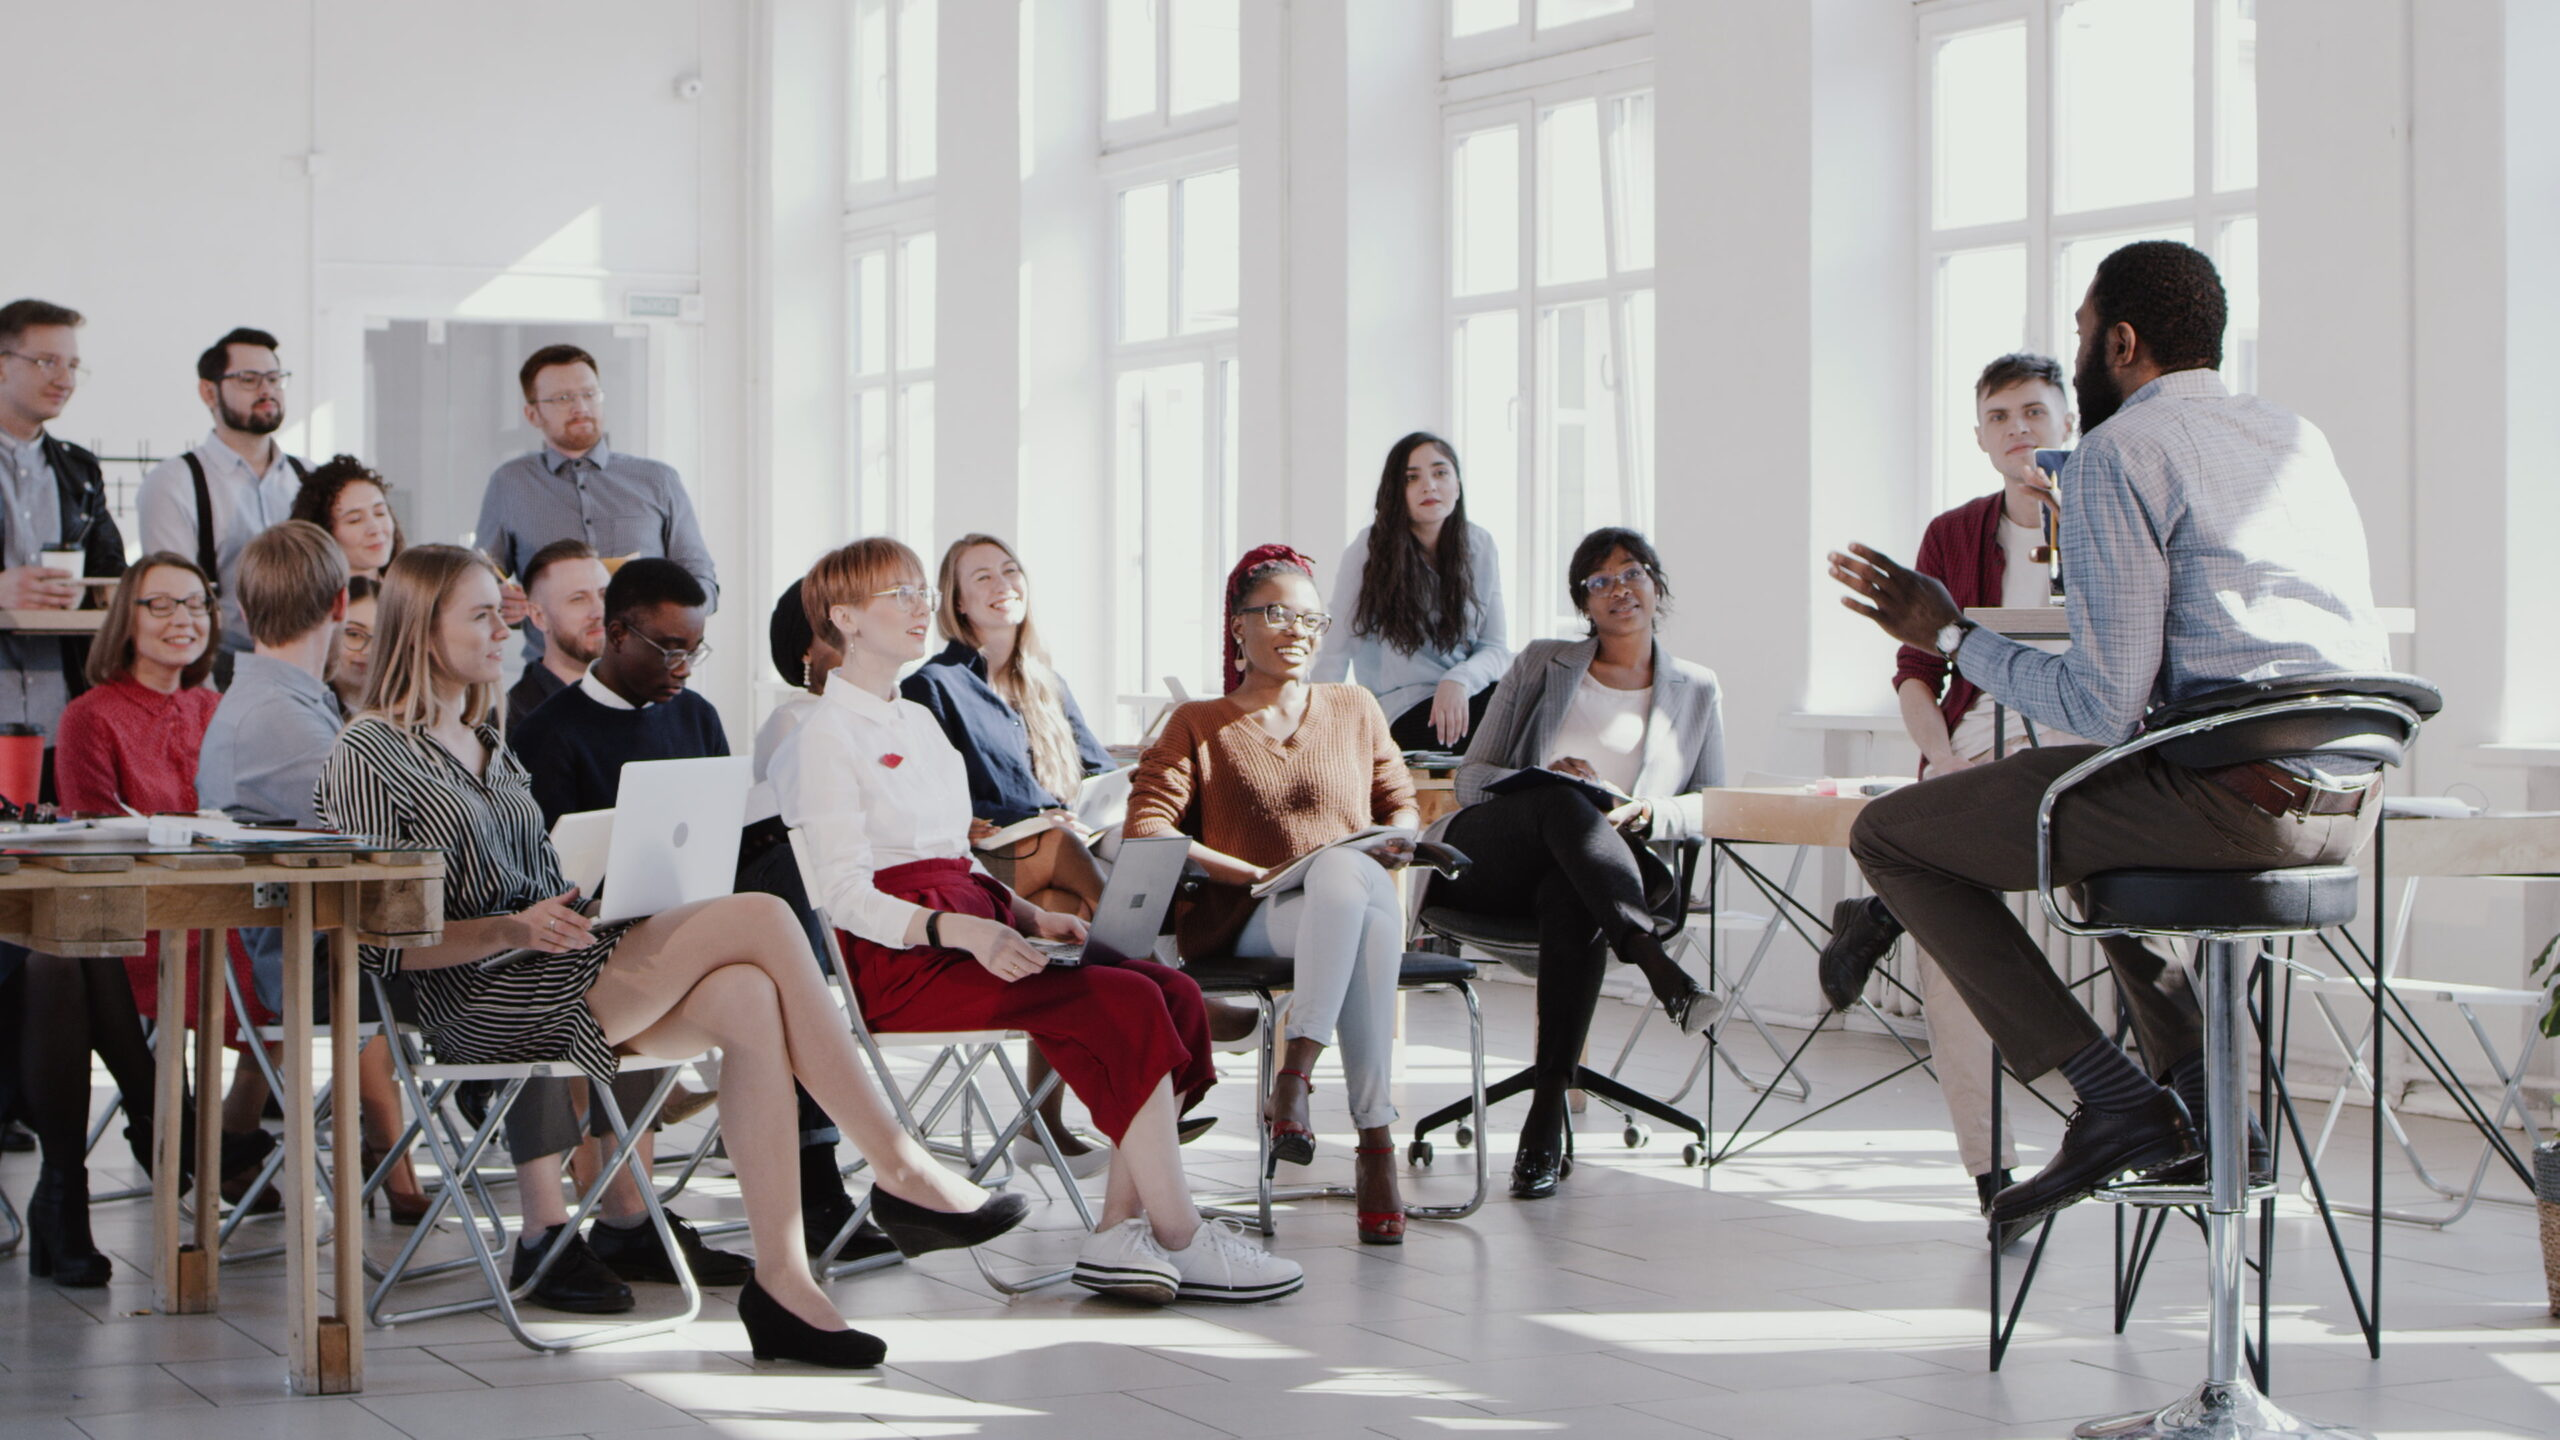 Inspiruj i daj się zainspirować – 3. Edycja Programu Mentoringowego PMI Polska!